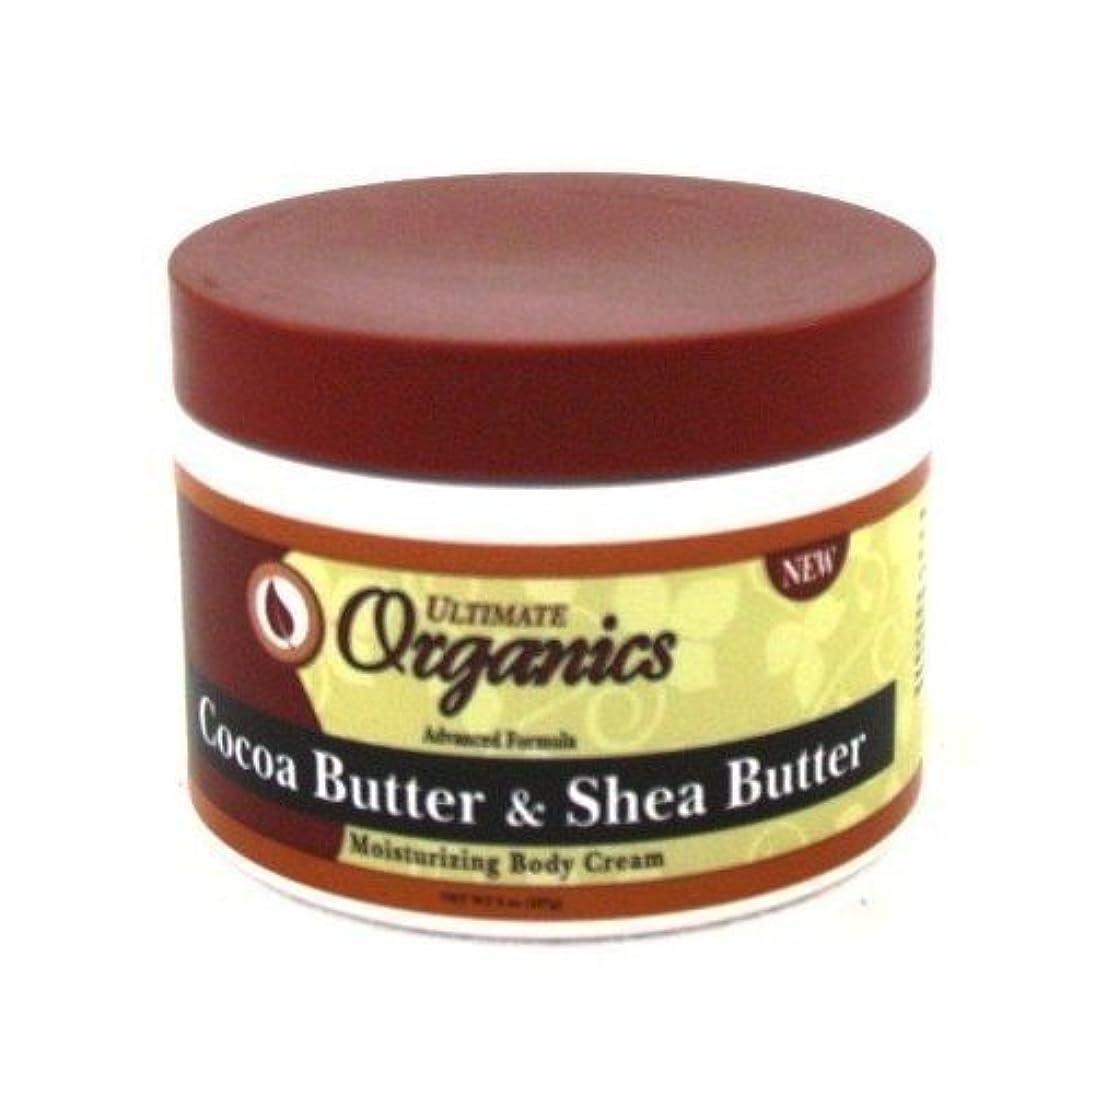 スペル歌詞ハチUltimate Organics Cocoa Butter & Shea Butter Body Cream 235 ml (並行輸入品)